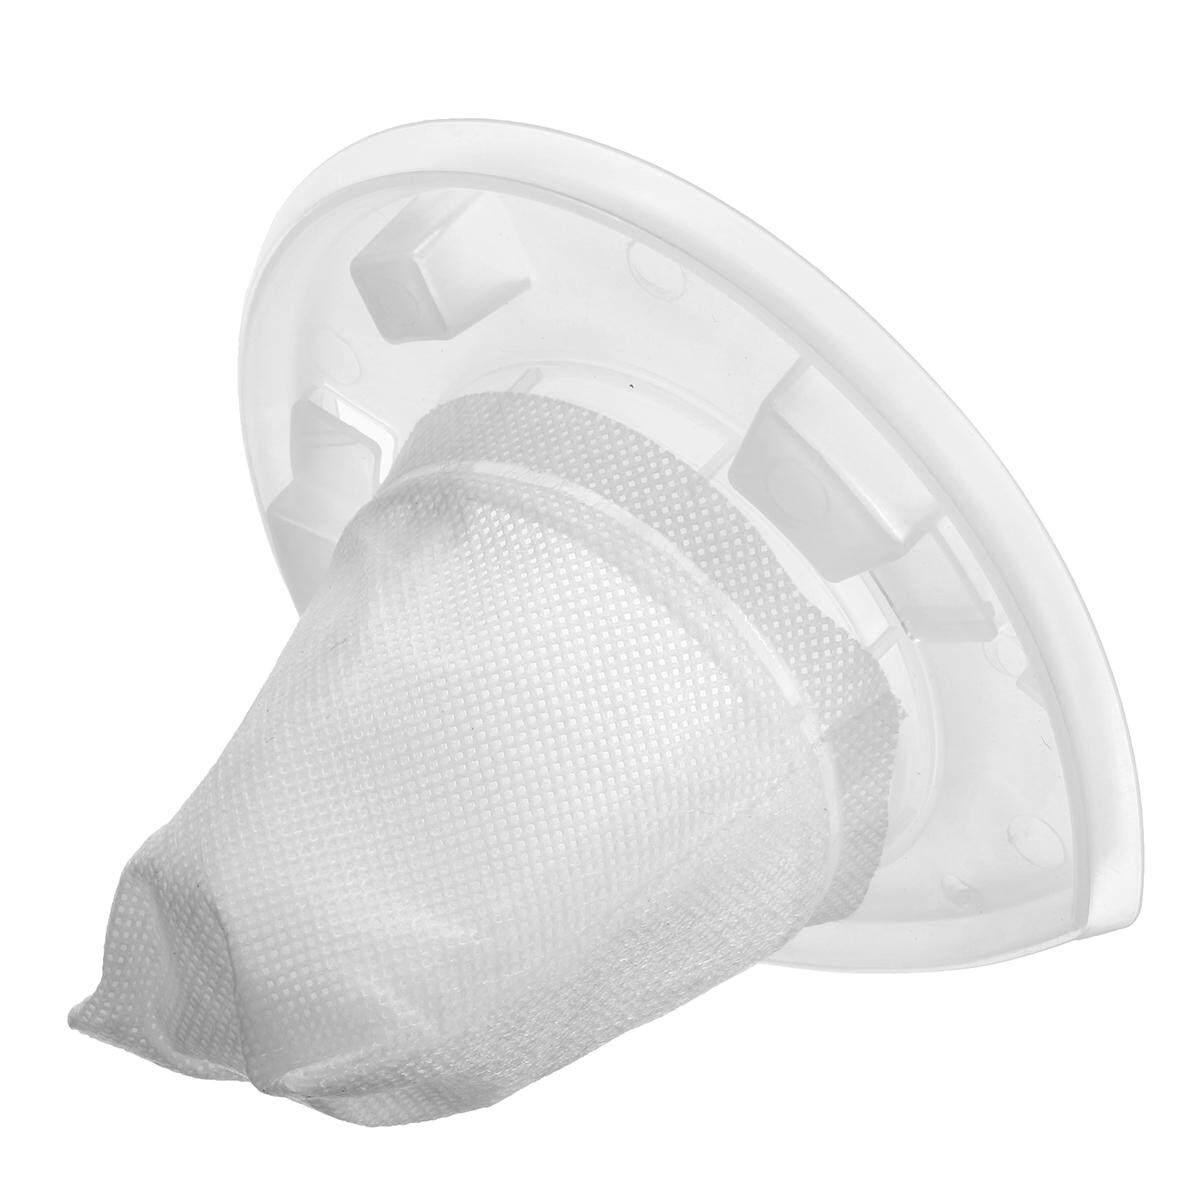 1-6x Penggantian Kekosongan Cleaners Penyaring Cocok untuk Hitam & Decker VF110 .